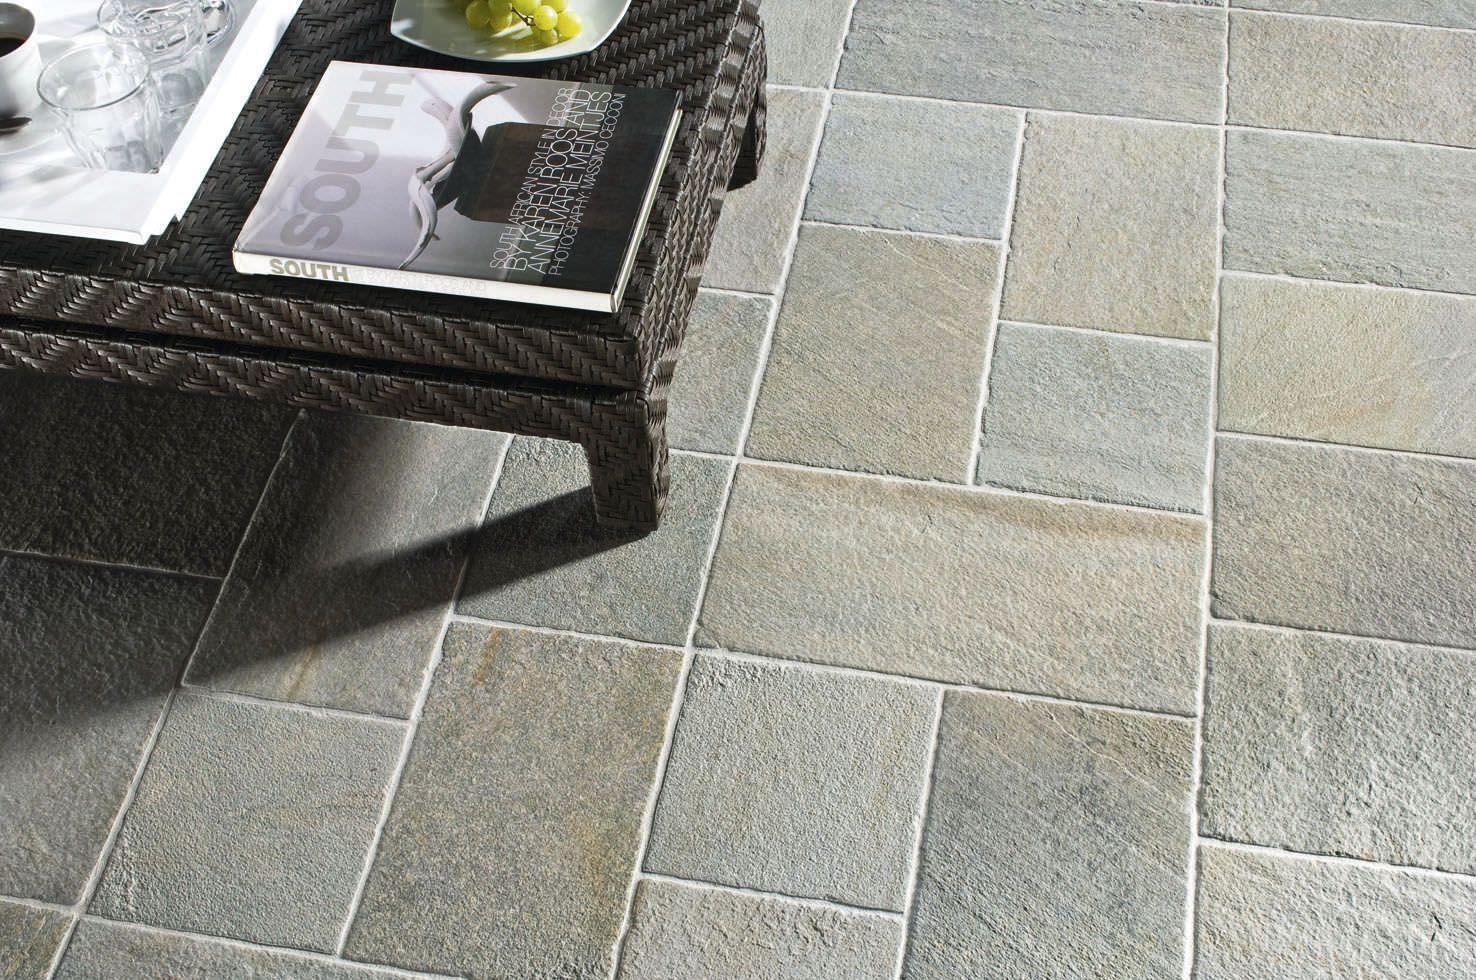 pavimenti per esterni gres porcellanato - Cerca con Google | Idee ...